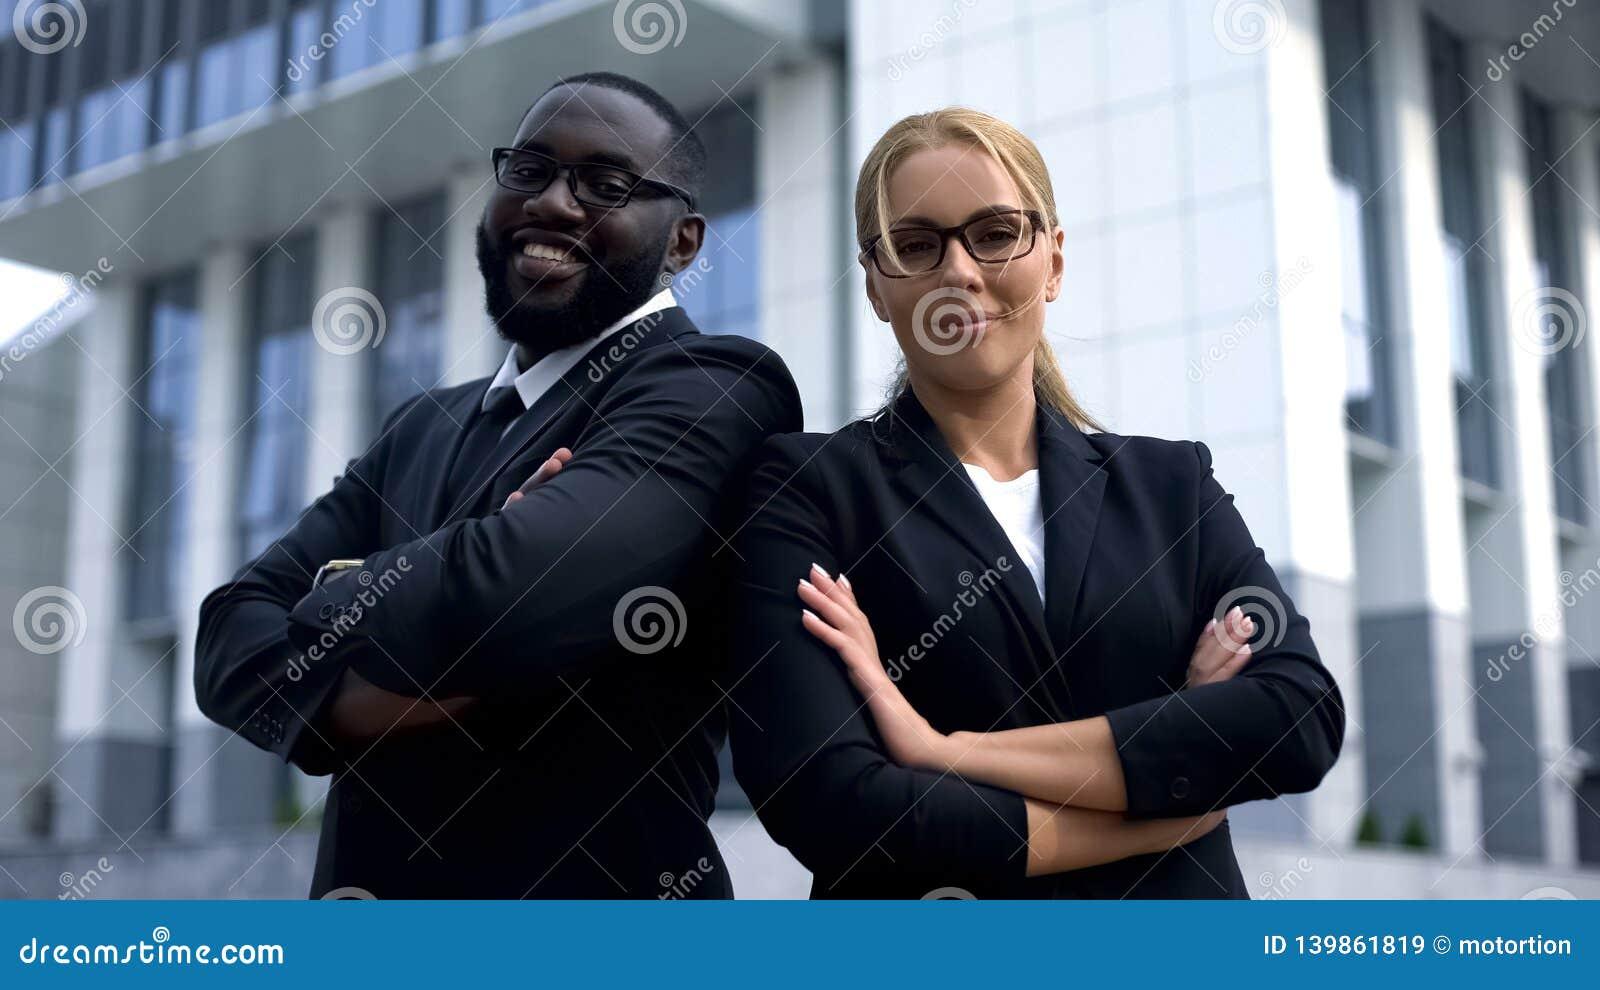 Businesspeople med korsade armar som ser kameran, karriär och lyckad framtid